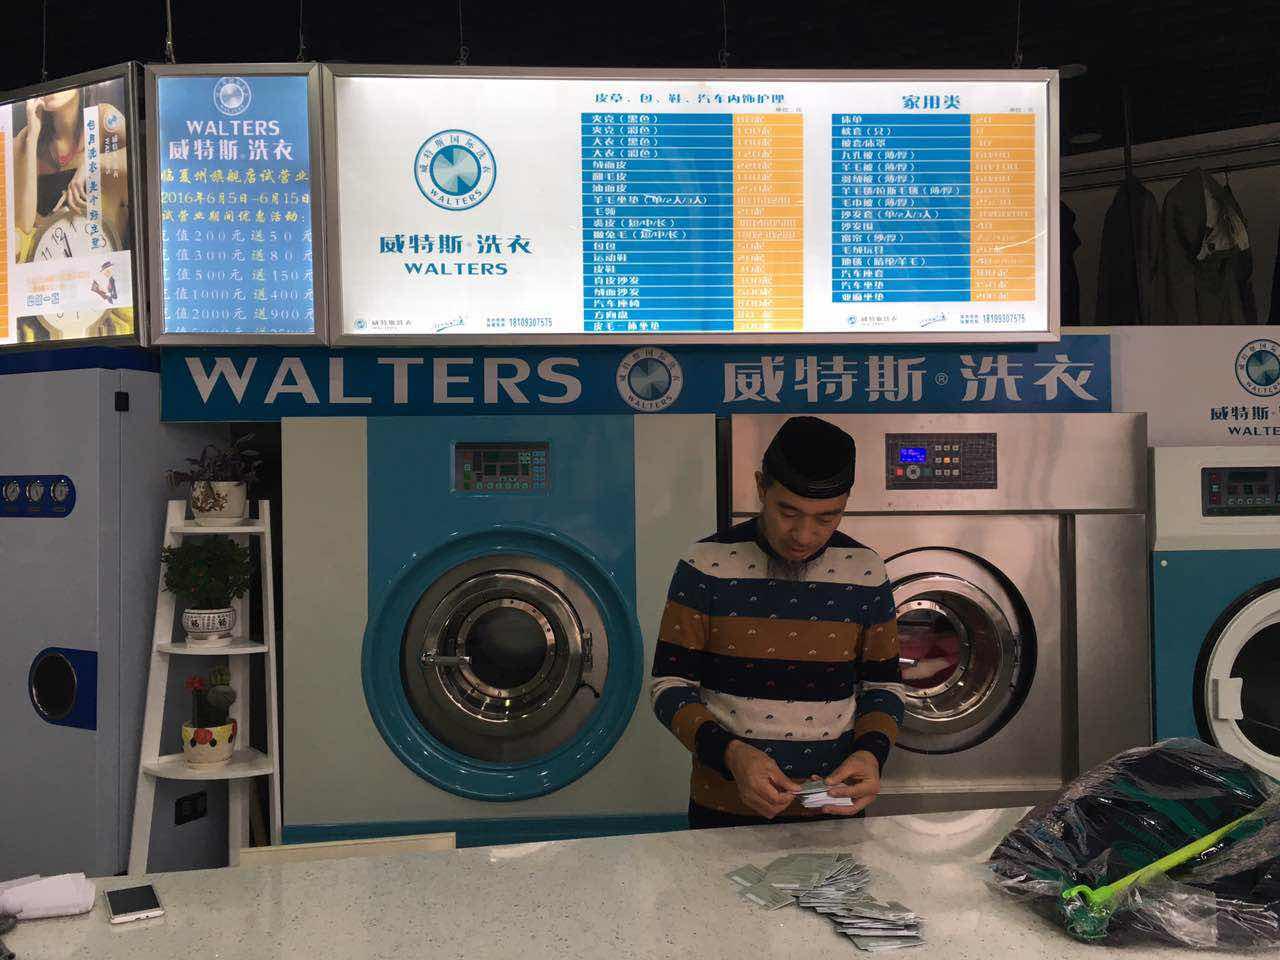 苏州开小型干洗店的成本大概多少